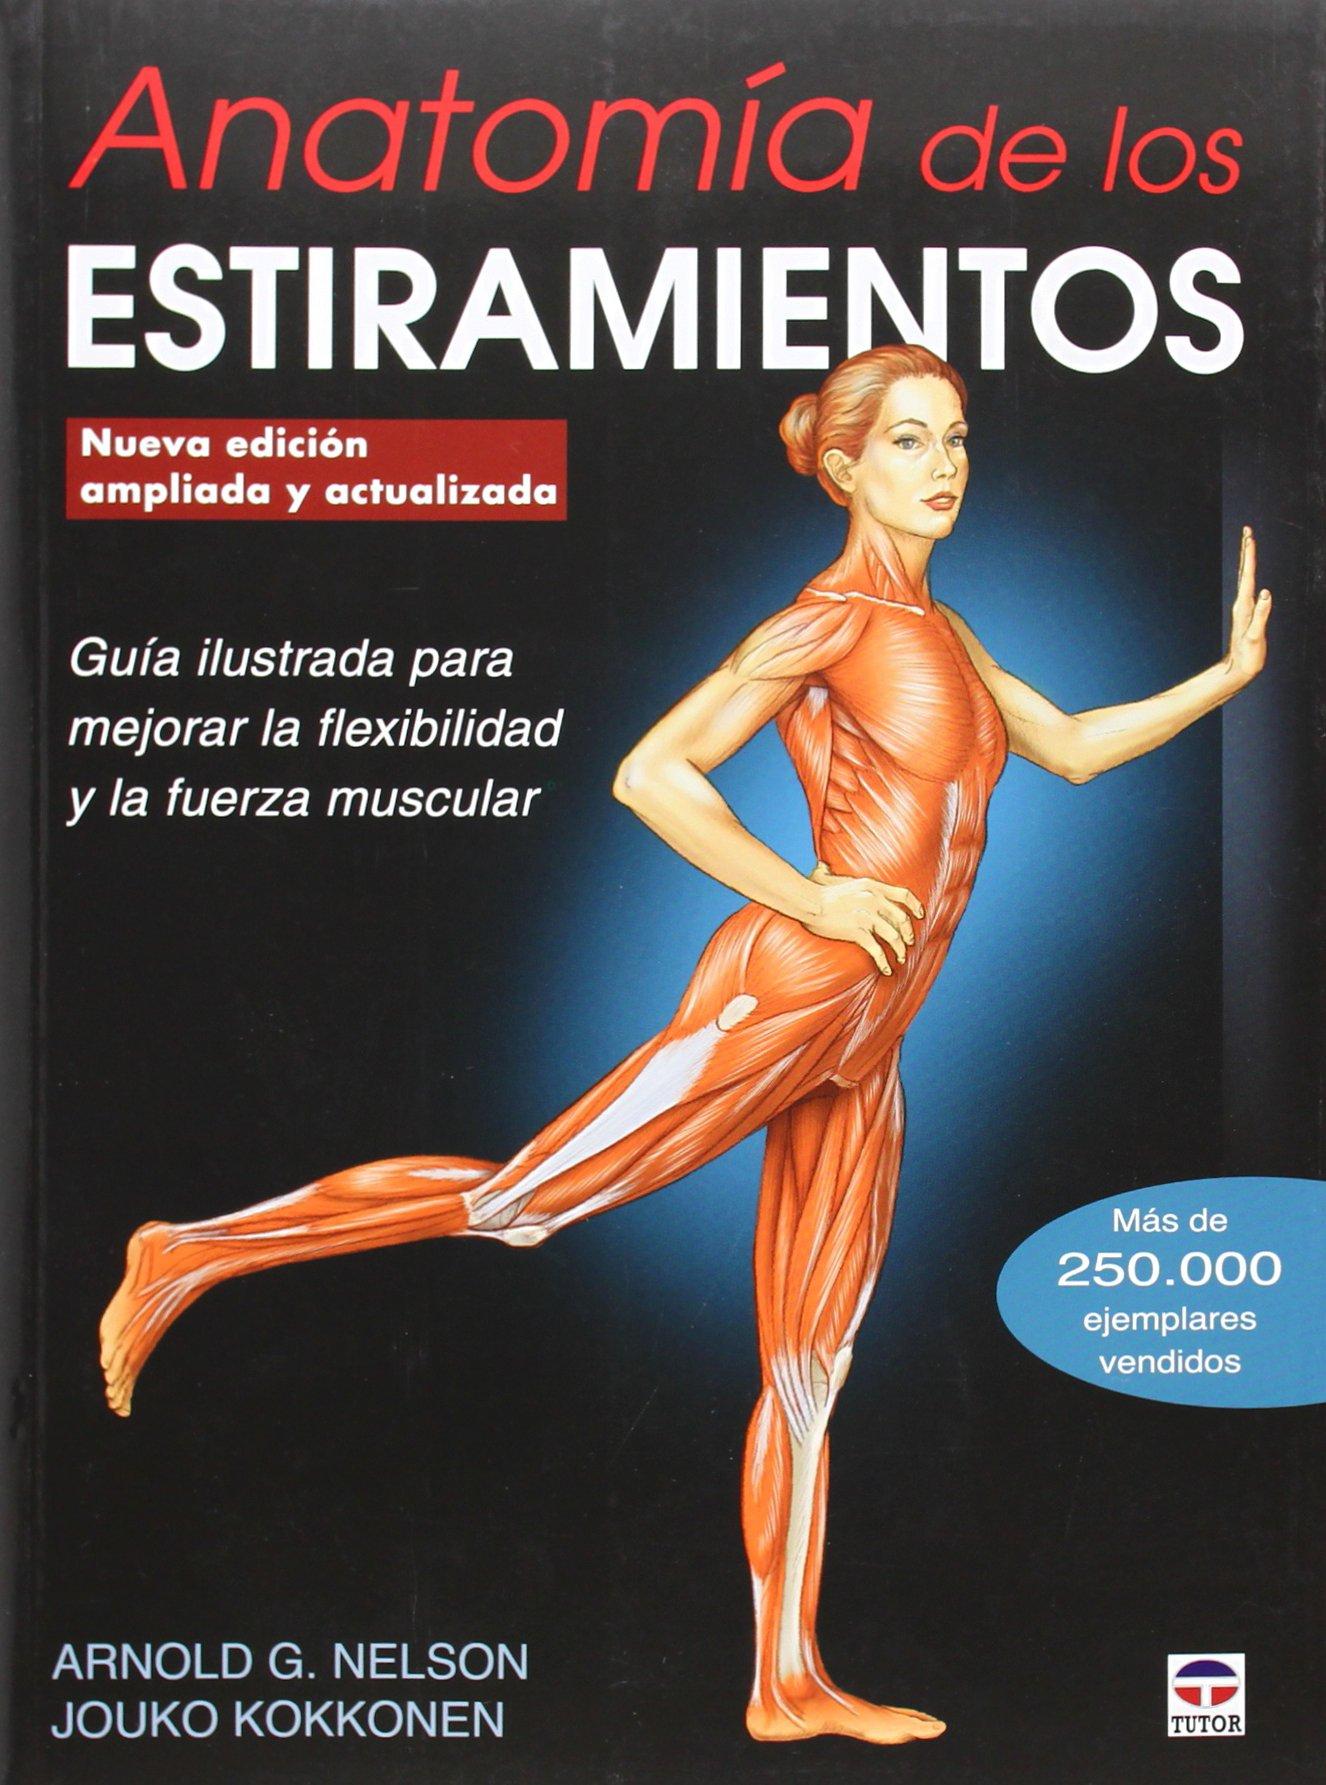 Anatomía De Los Estiramientos - Nueva Edición Ampliada Y Actualizada ...